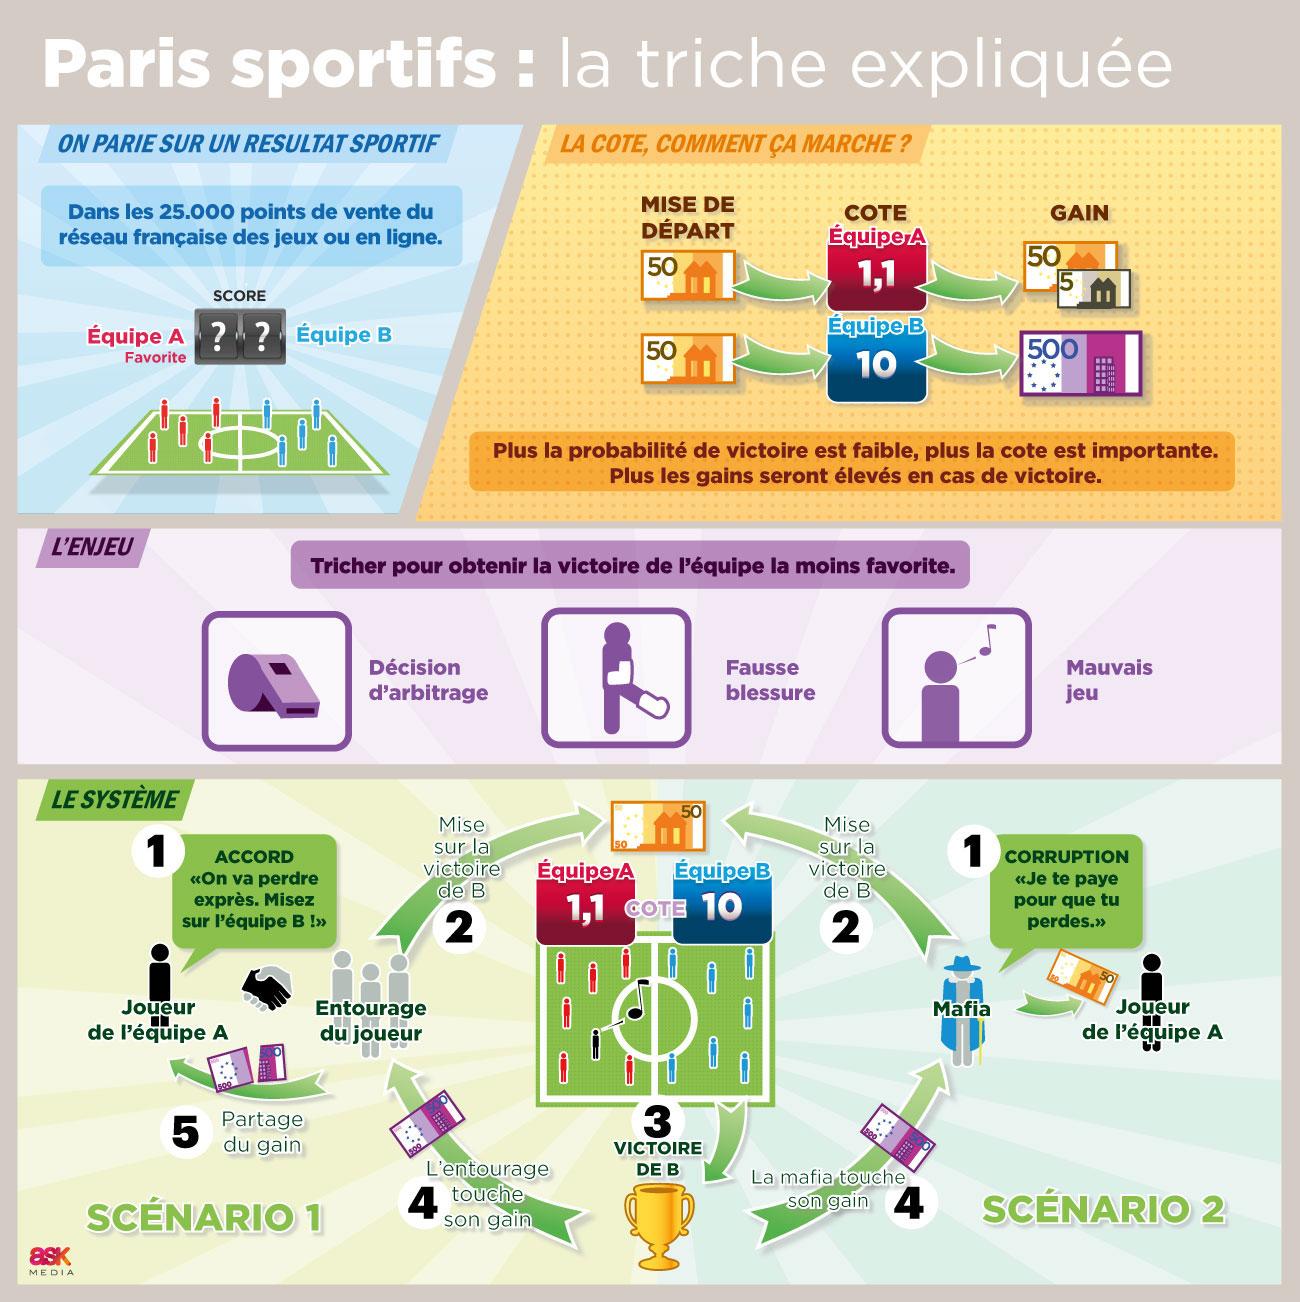 Paris sportifs truqués